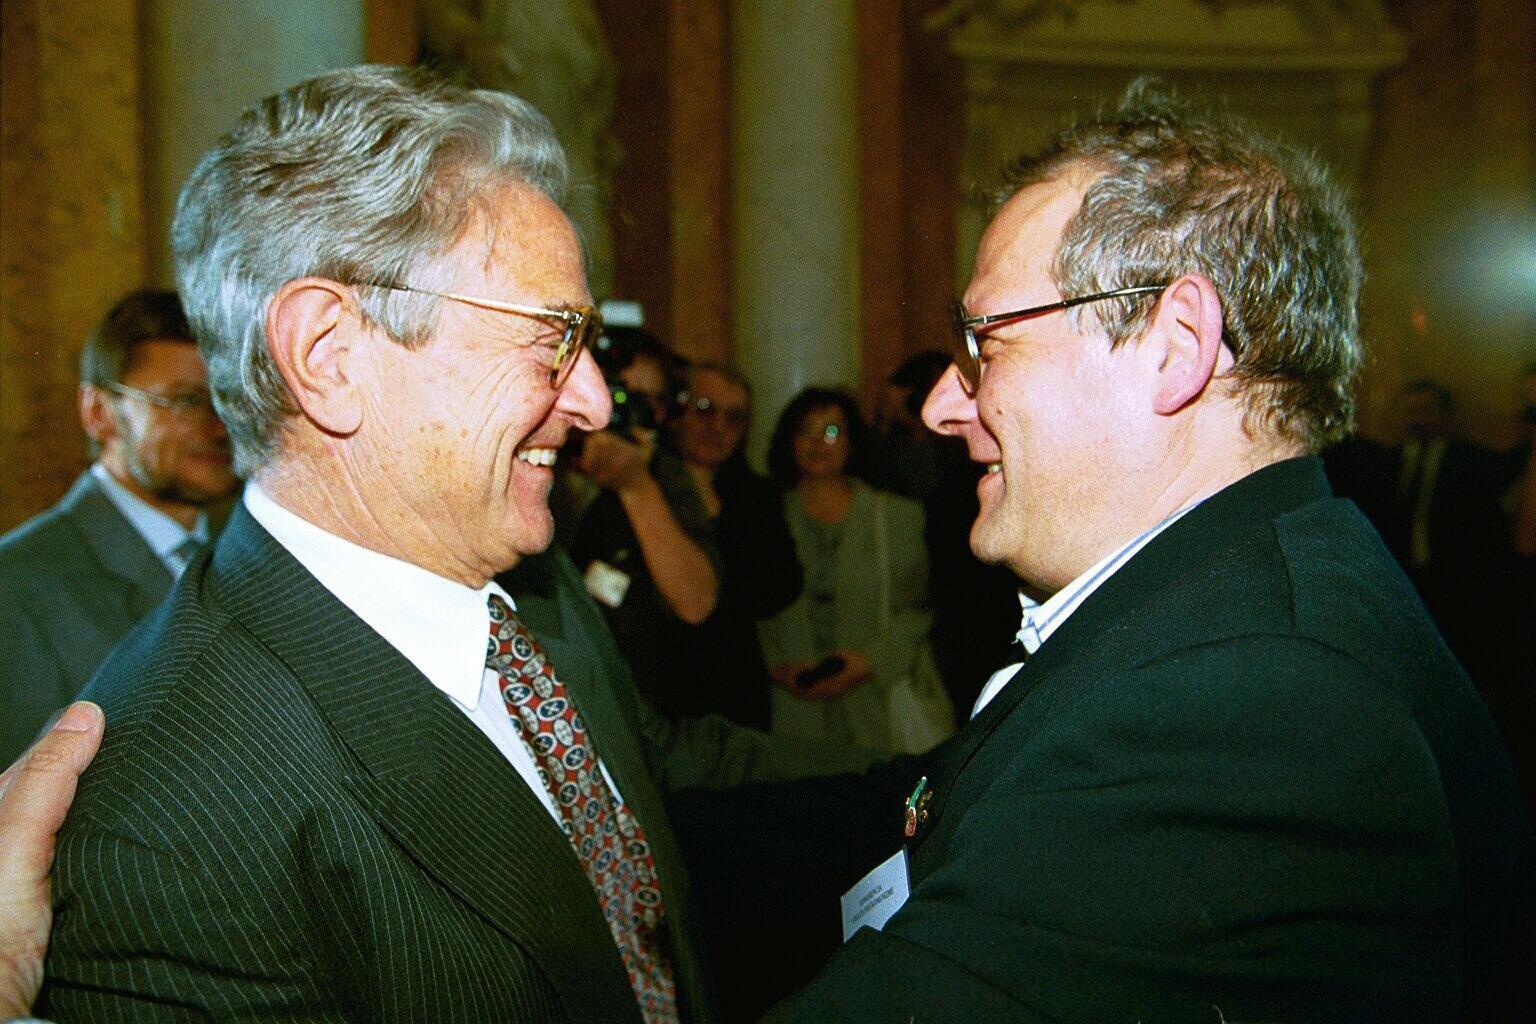 08.05.2000 WARSZAWA- OBLICZA POSTKOMUNIZMU - KONFERENCJA W LAZIENKACH KROLEWSKICH  N/Z: GEORGE SOROS - AMERYKANSKI FINANSISTA I REDAKTOR NACZELNY ADAM MICHNIK  SK8663 XFS